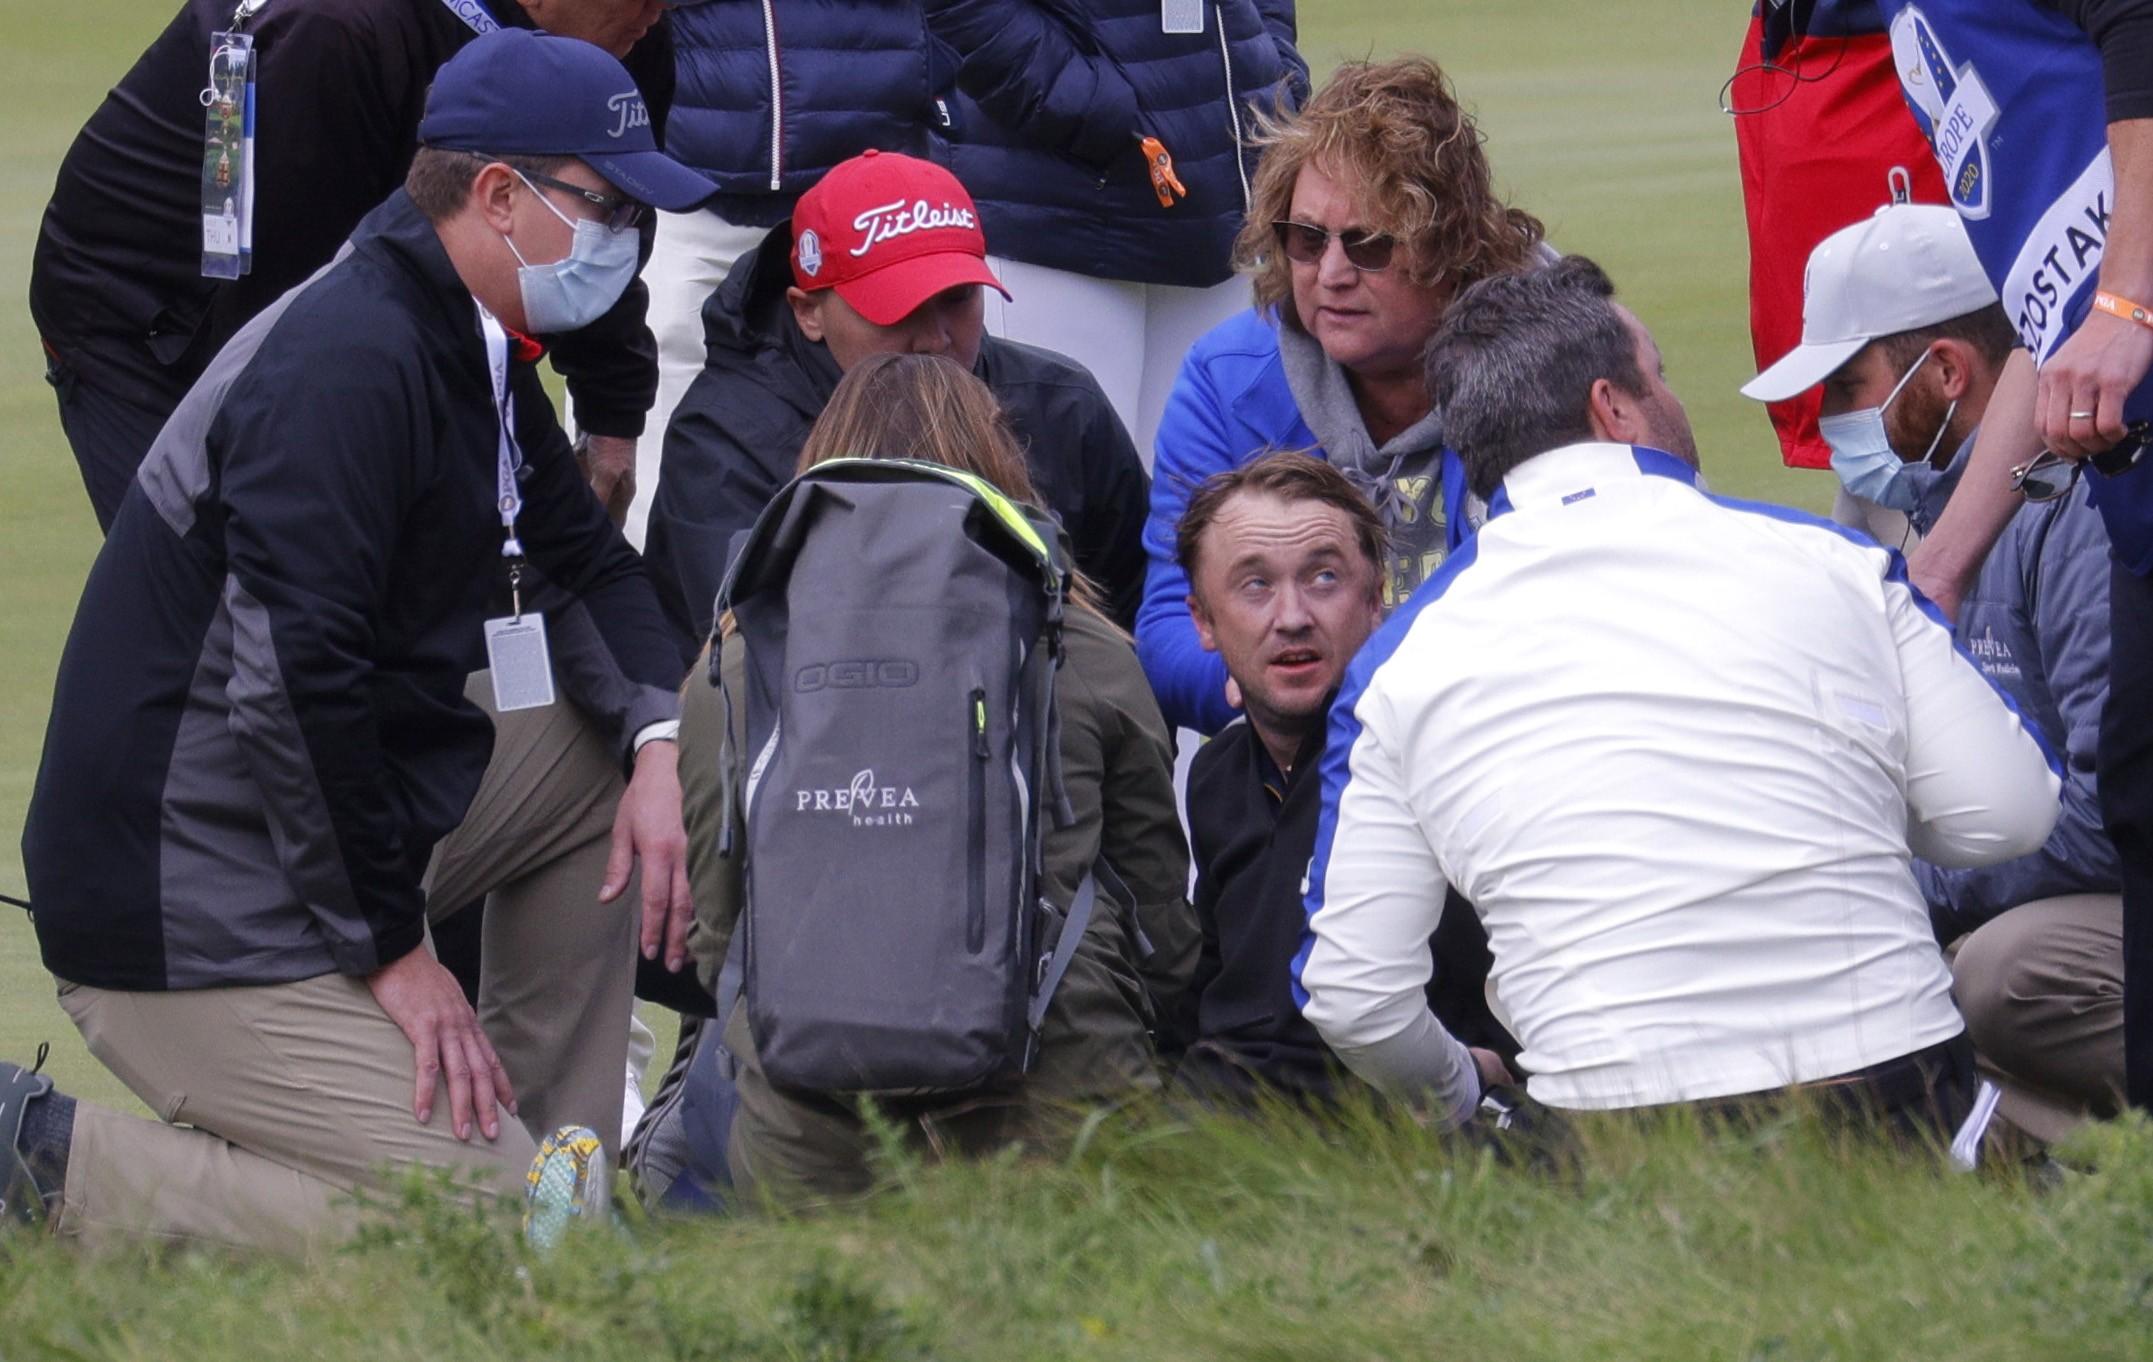 Tom Felton passa mal durante jogo de golfe nos EUA